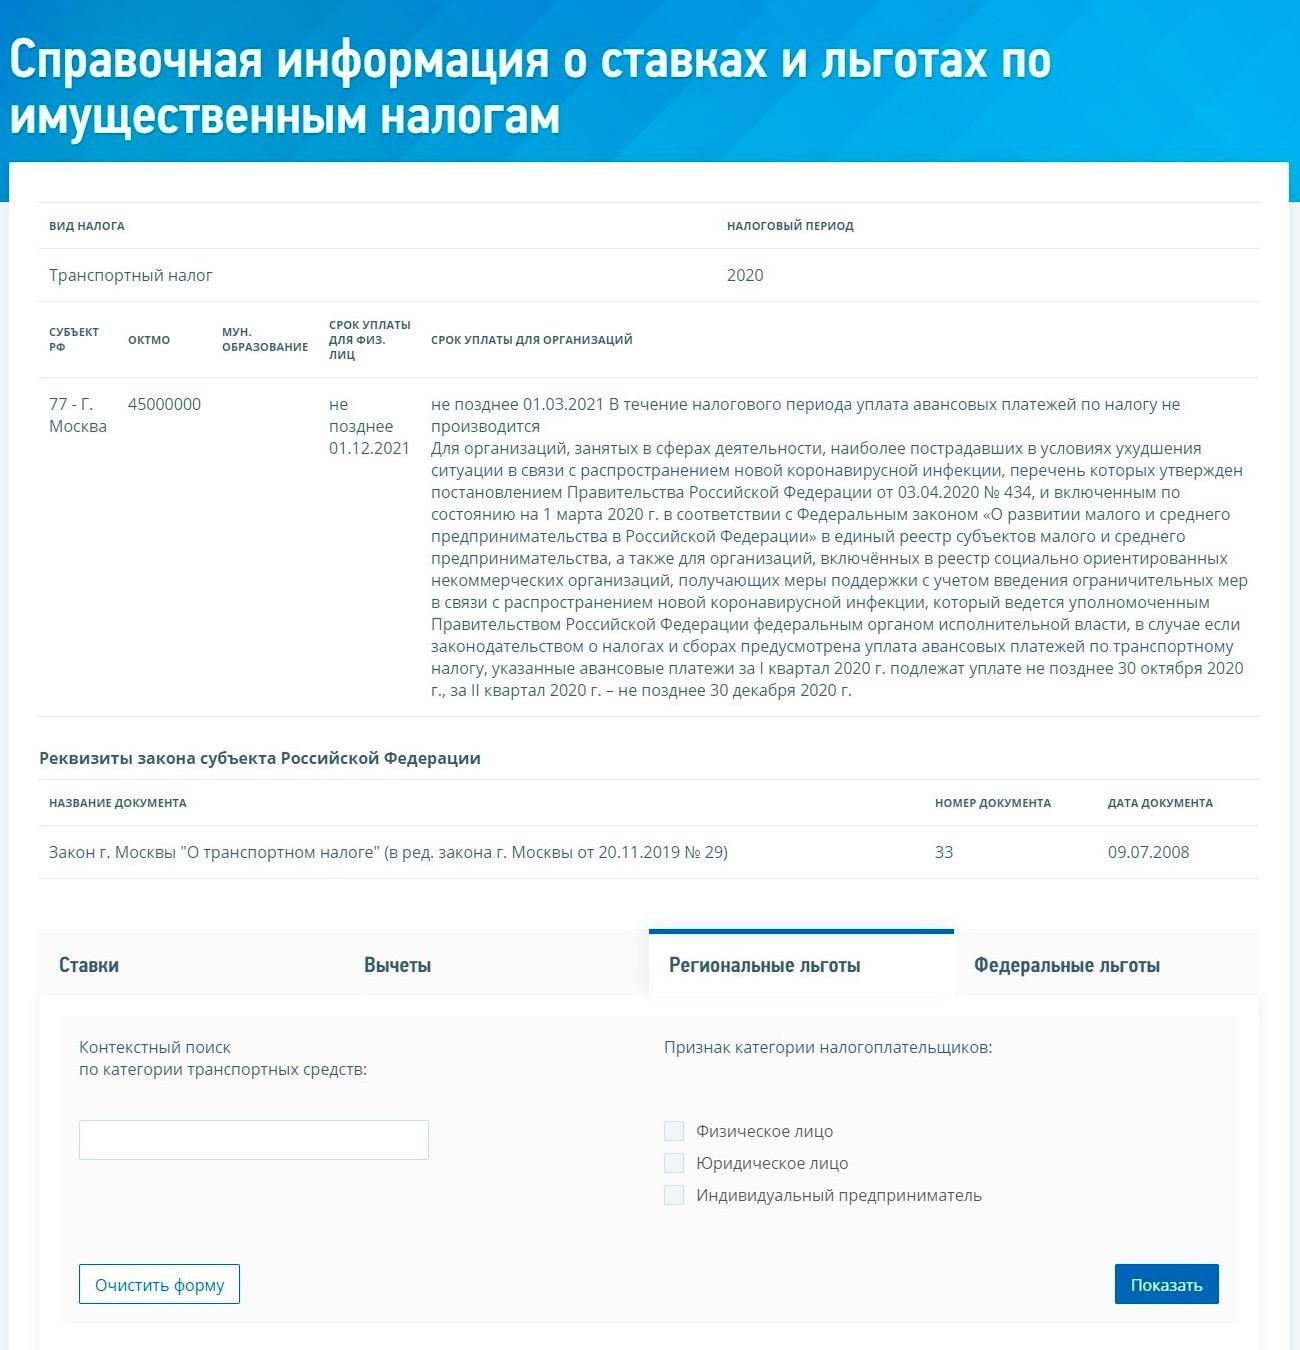 """<p>Узнать перечень льгот в своем регионе можно с помощью соответствующей вкладки <a href=""""https://www.nalog.ru/rn77/service/tax/"""">справочного сервиса ФНС</a>.</p>"""